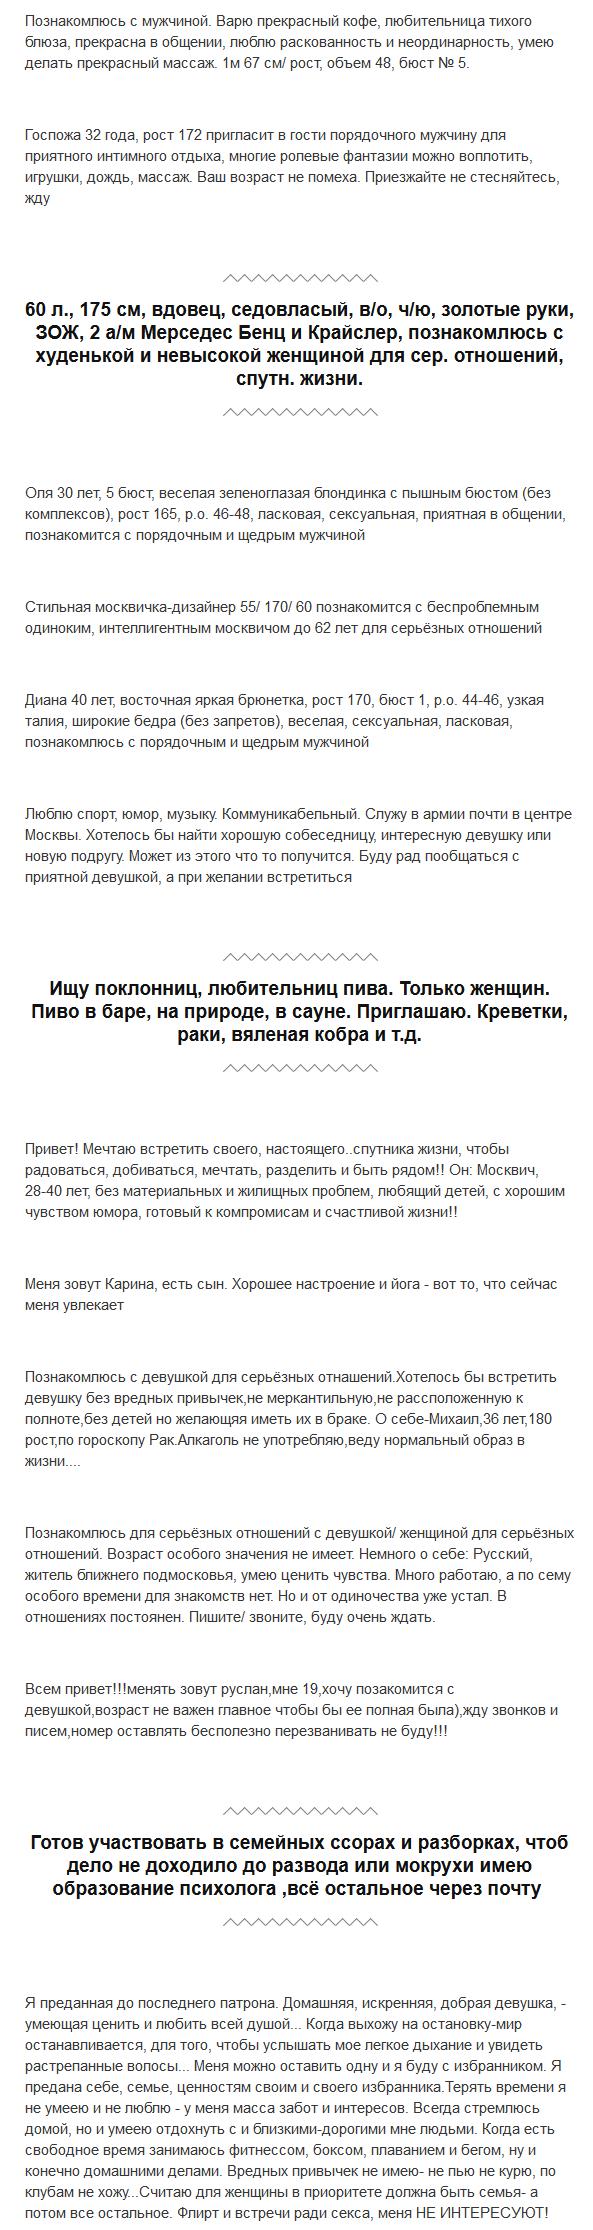 знакомства в газетах минска